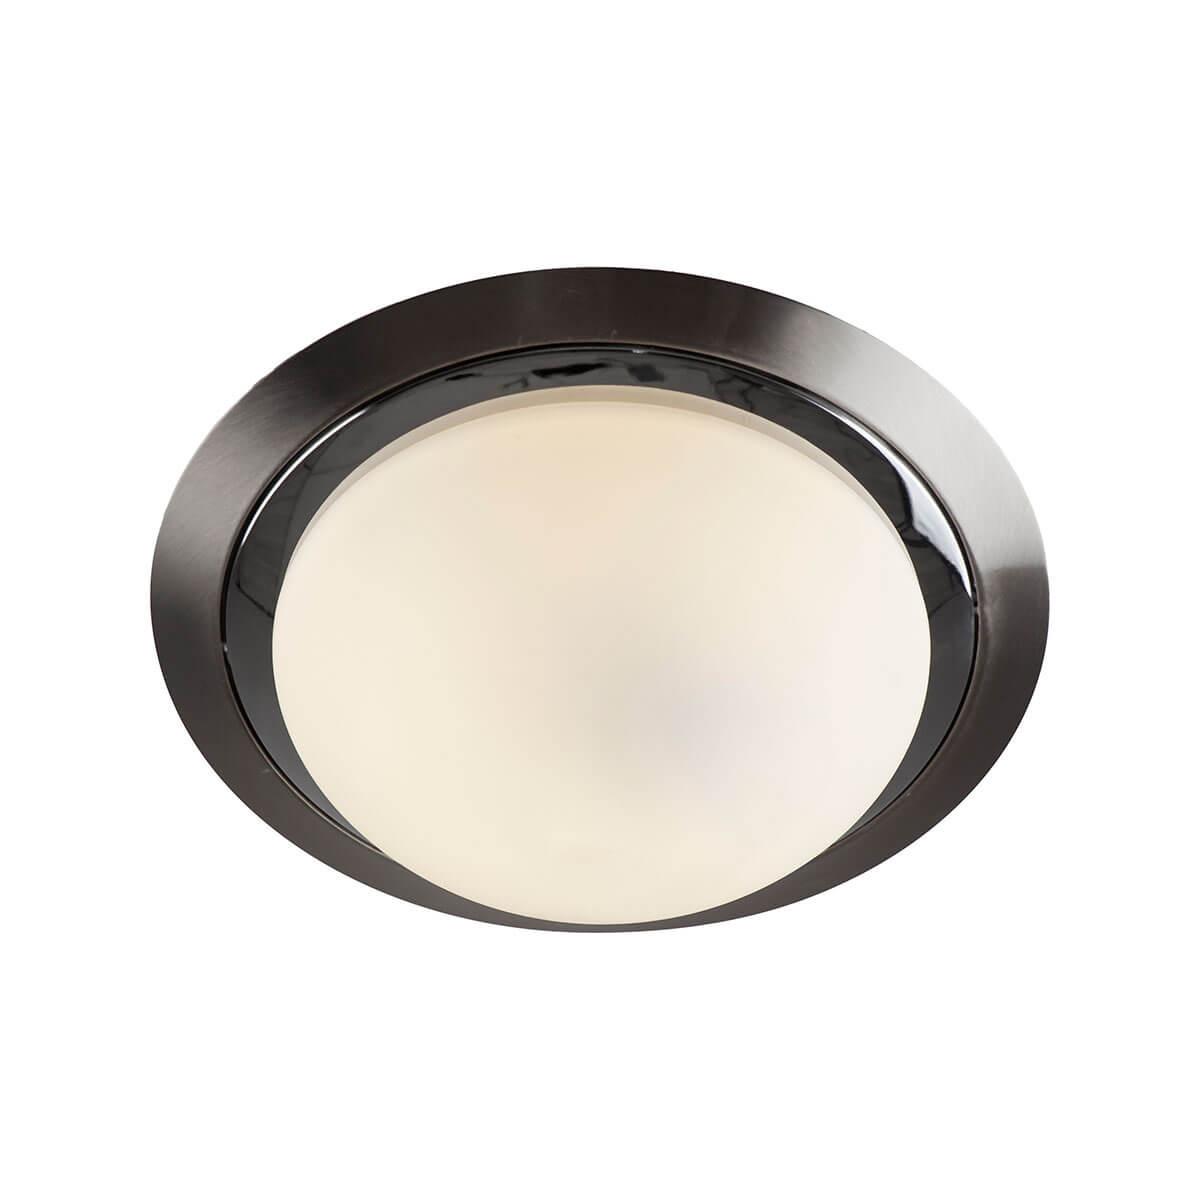 Потолочный светильник IDLamp Alessa 371/25PF-Whitechrome потолочный светильник idlamp alessa 370 25pf whitechrome